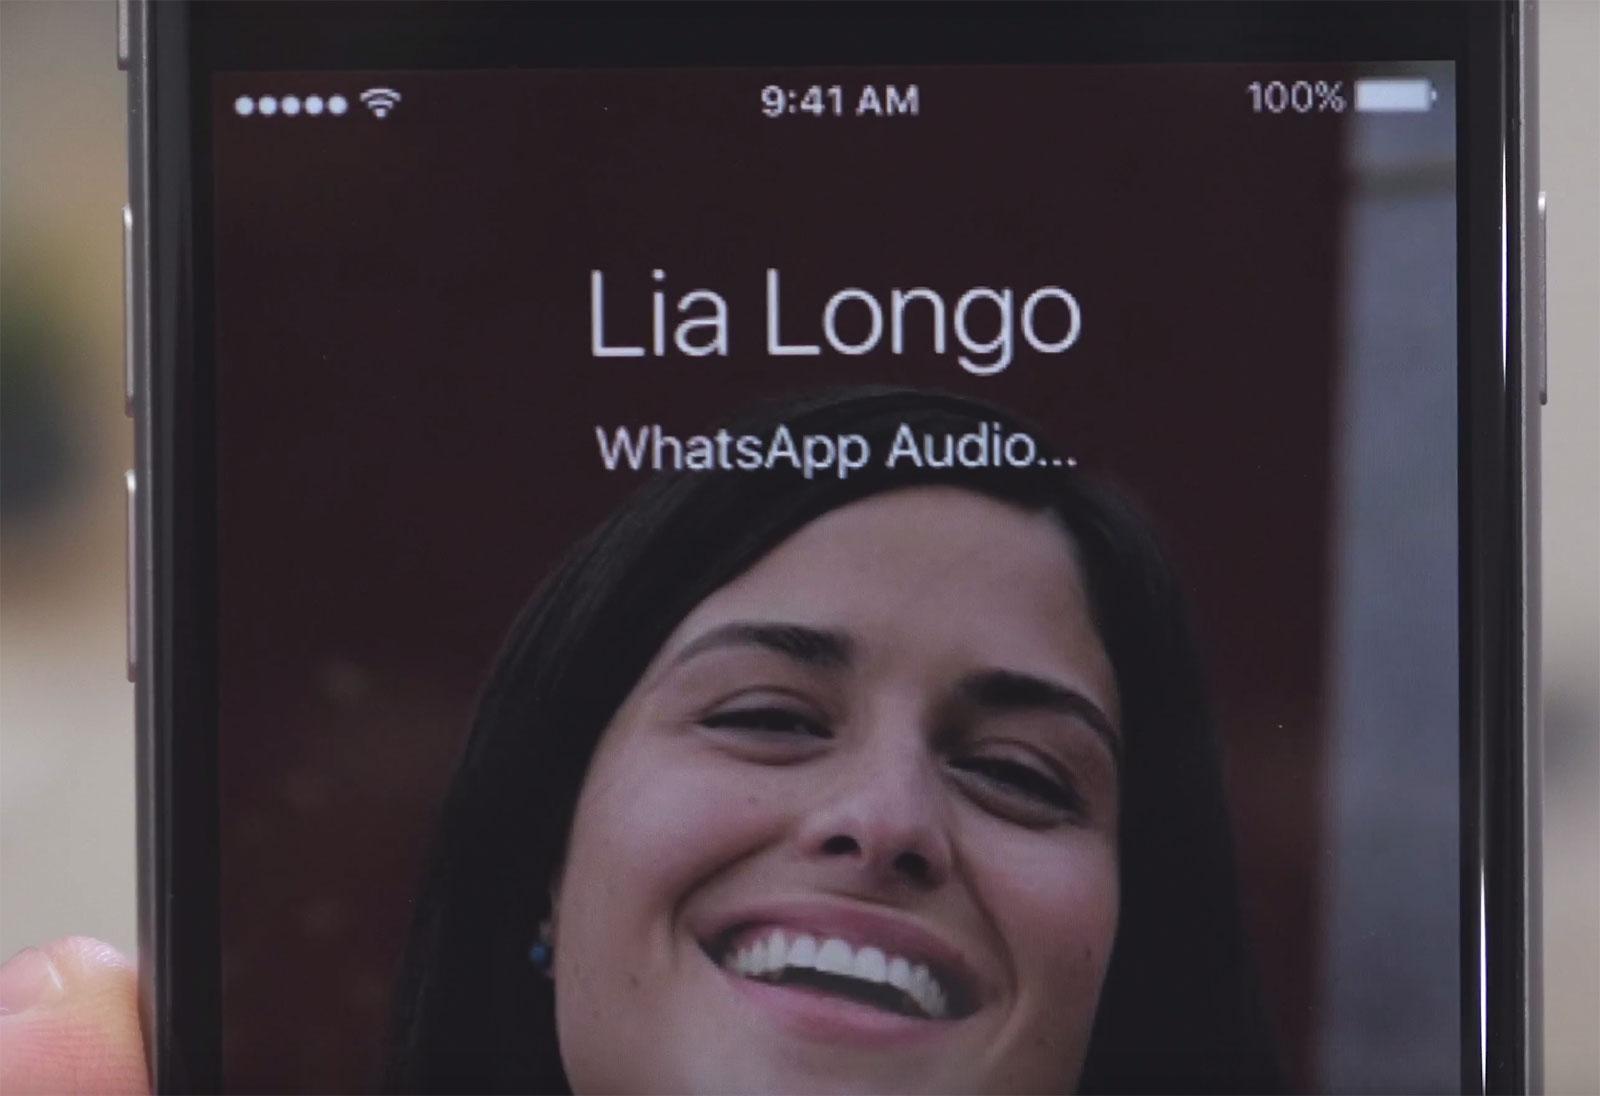 Llamadas de Whatsapp a pantalla completa